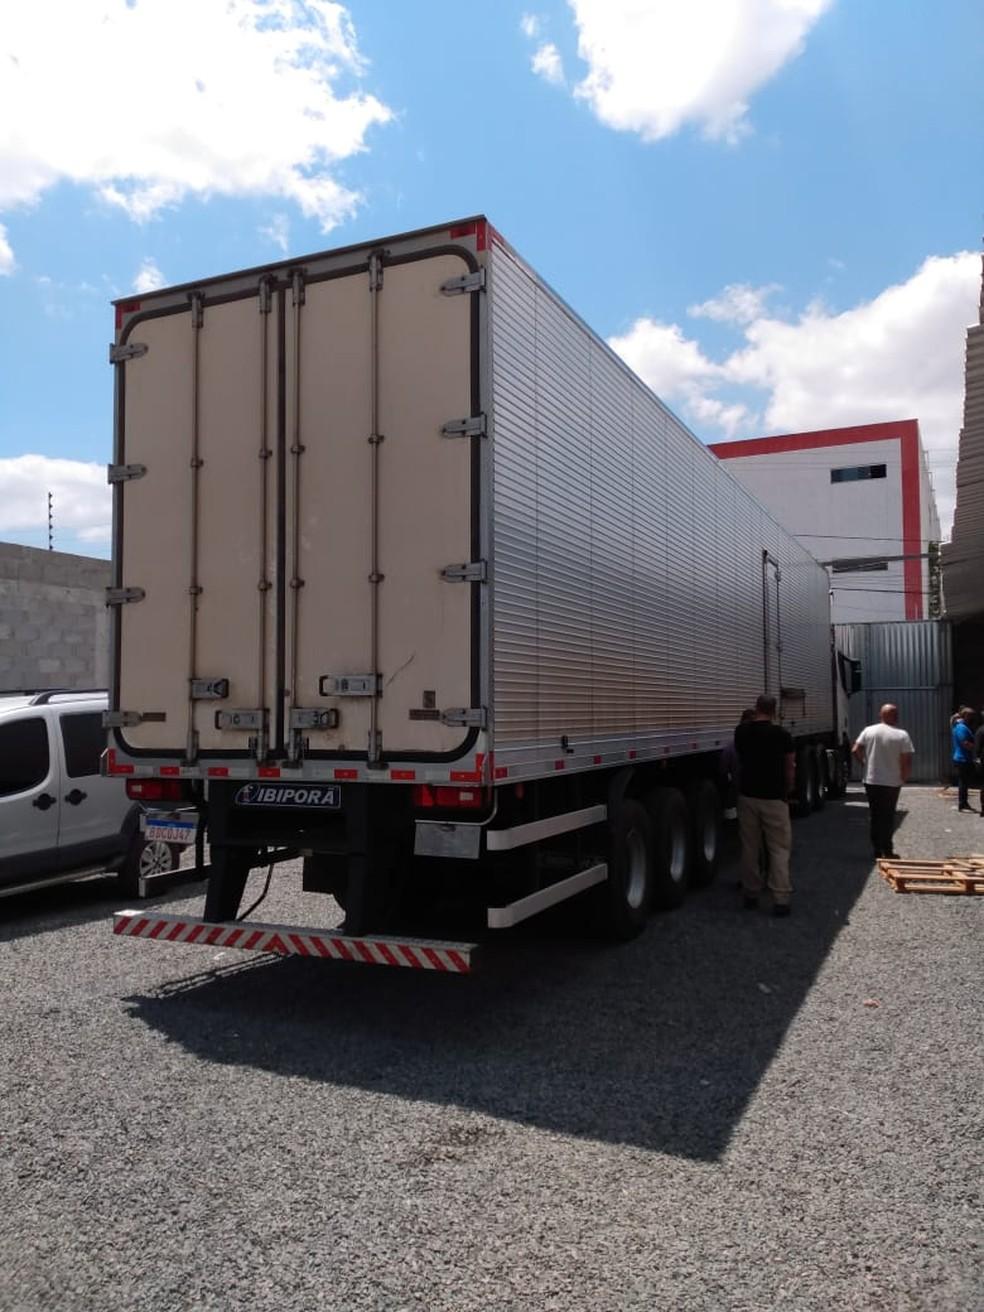 Carga avaliada em R$ 10 milhões foi apreendida na 'Operação Desvio' em Feira de Santana — Foto: Divulgação/Polícia Civil